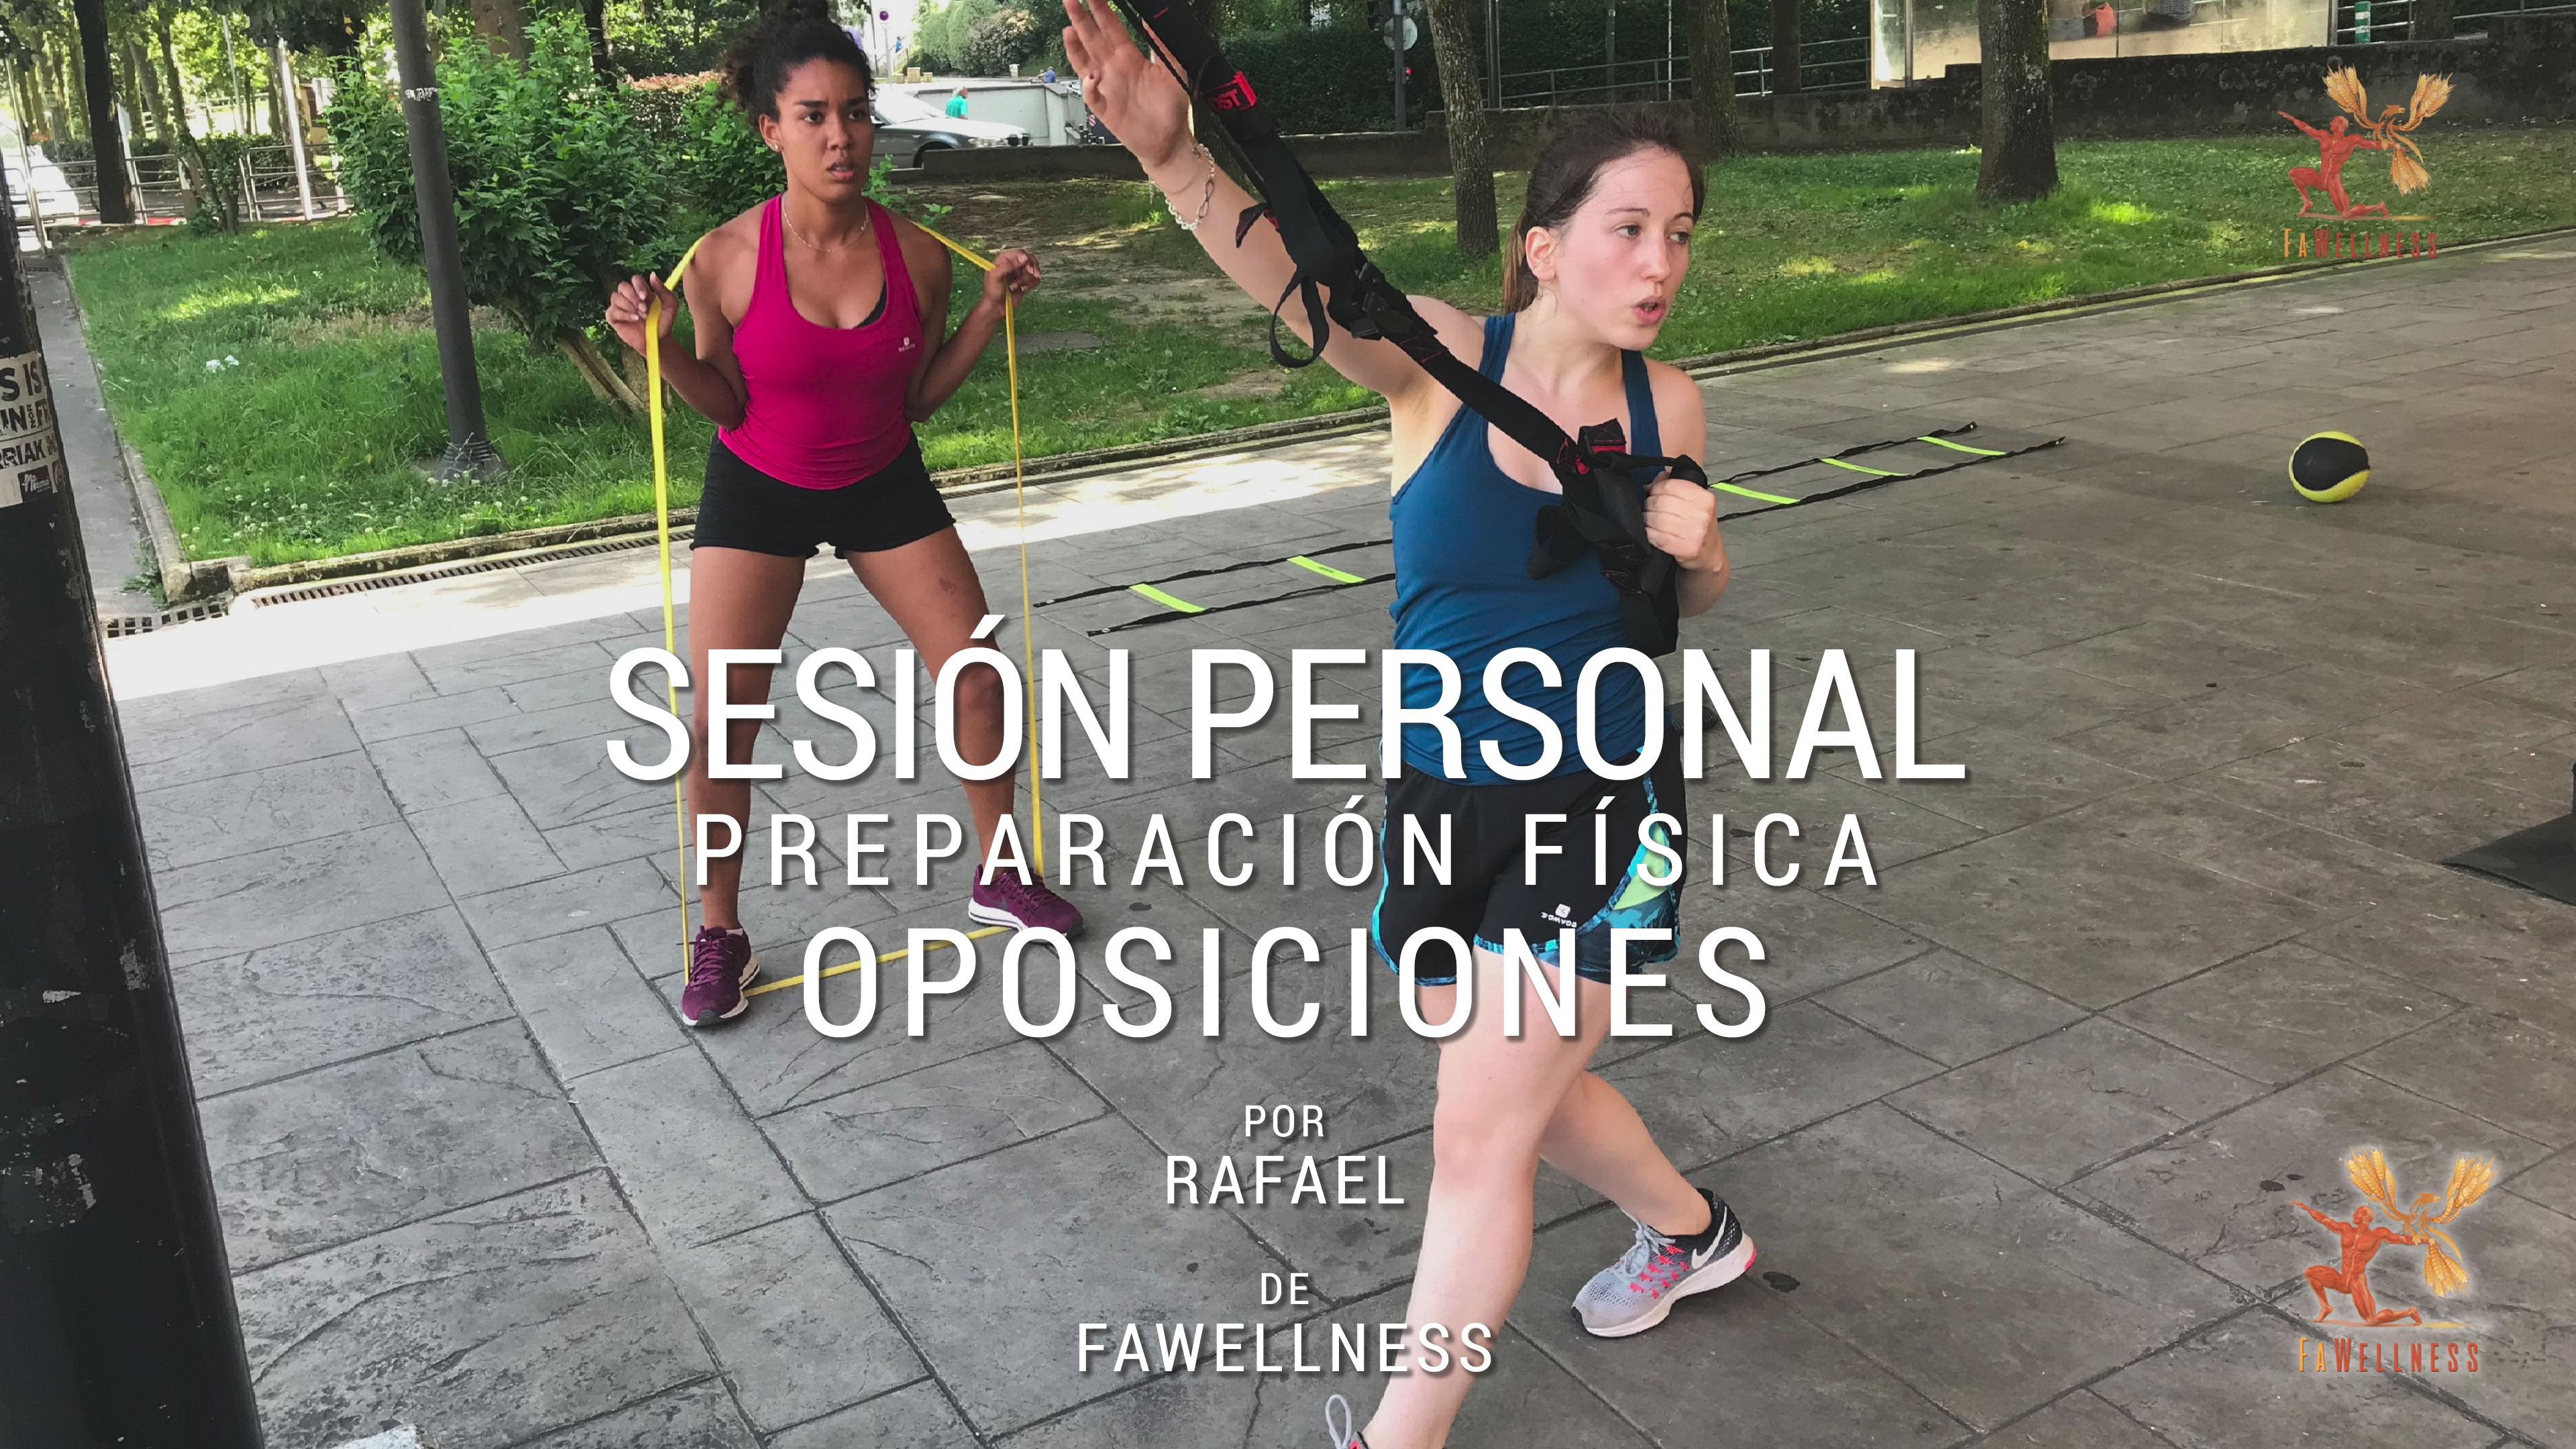 imagen blog FaWellness | Preparación física para oposiciones, sesión privada con Rafaela y Silvia